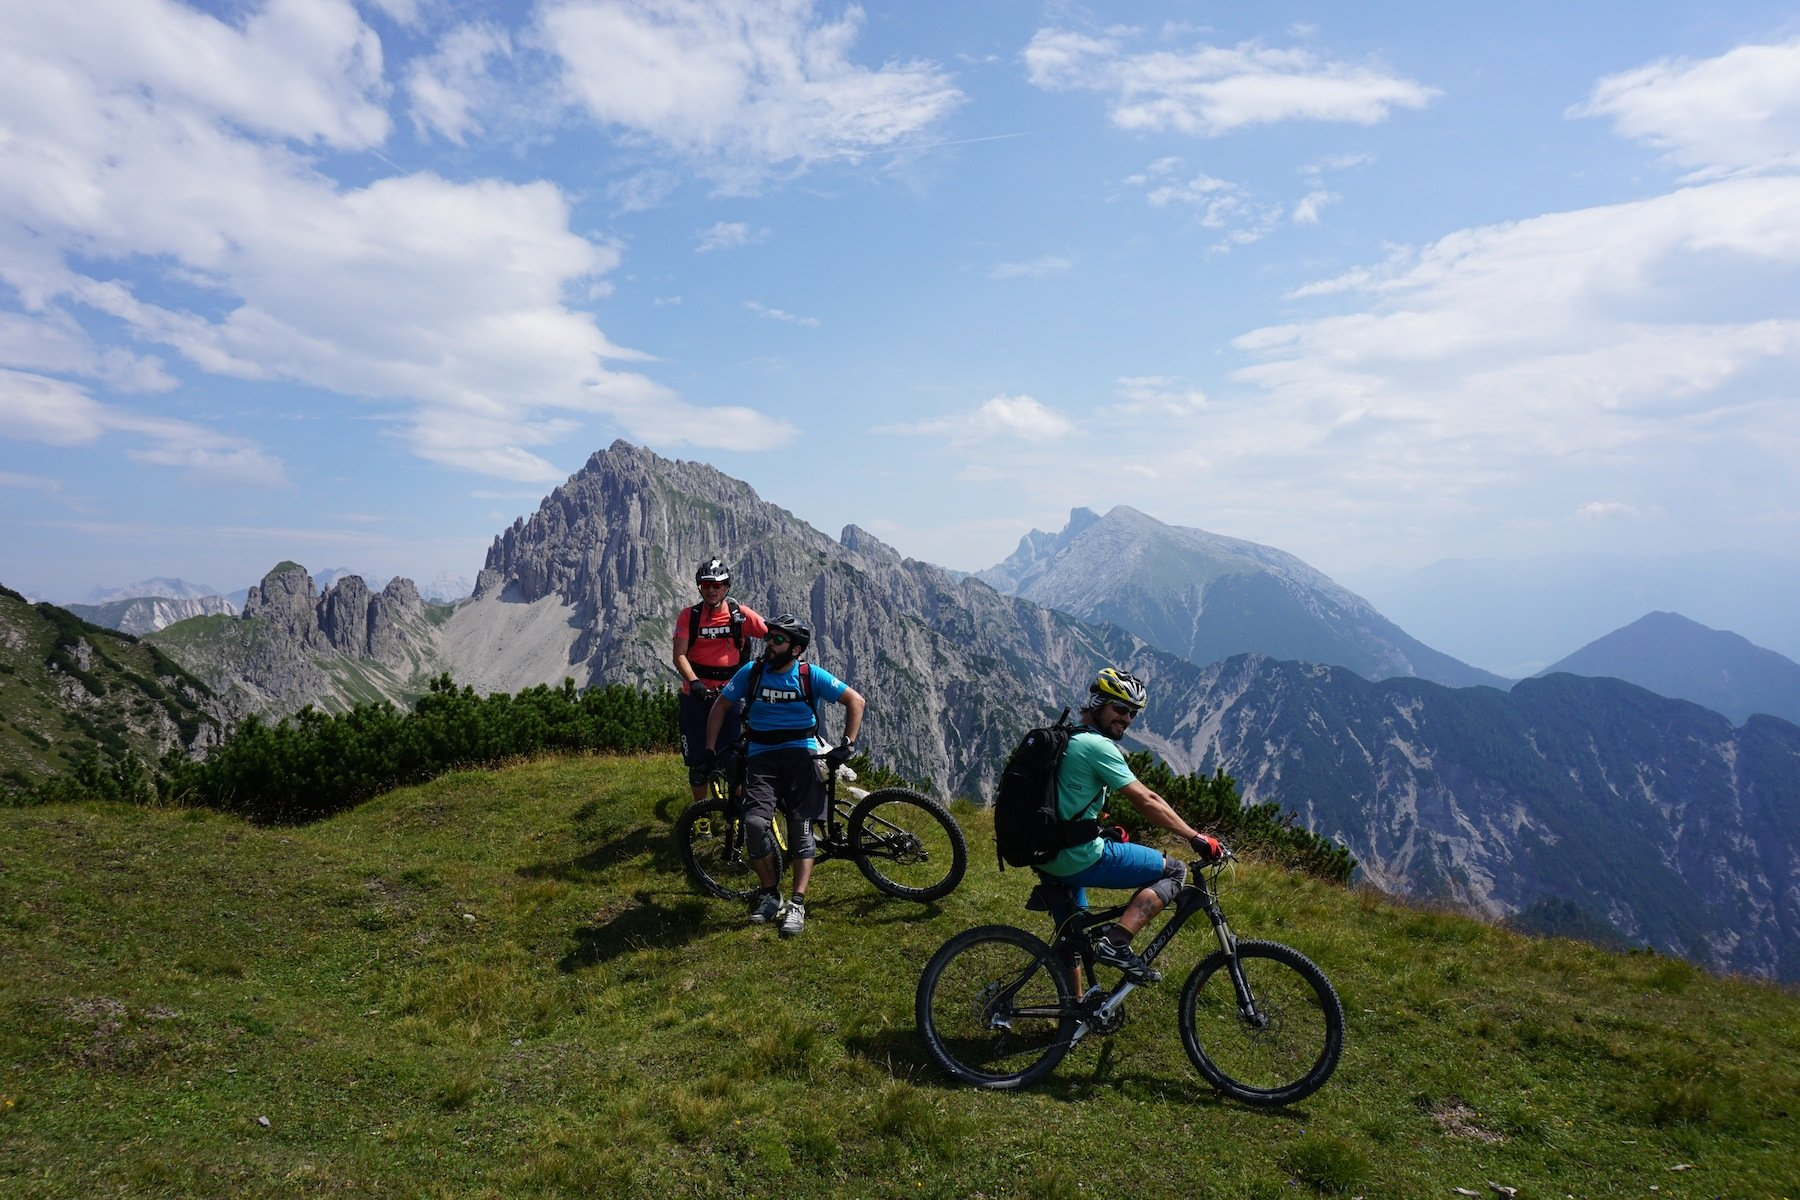 Sommer – Bikespecial 2015: Rauf aufs Mountainbike – welche Ausrüstung benötigt man für den Einstieg?